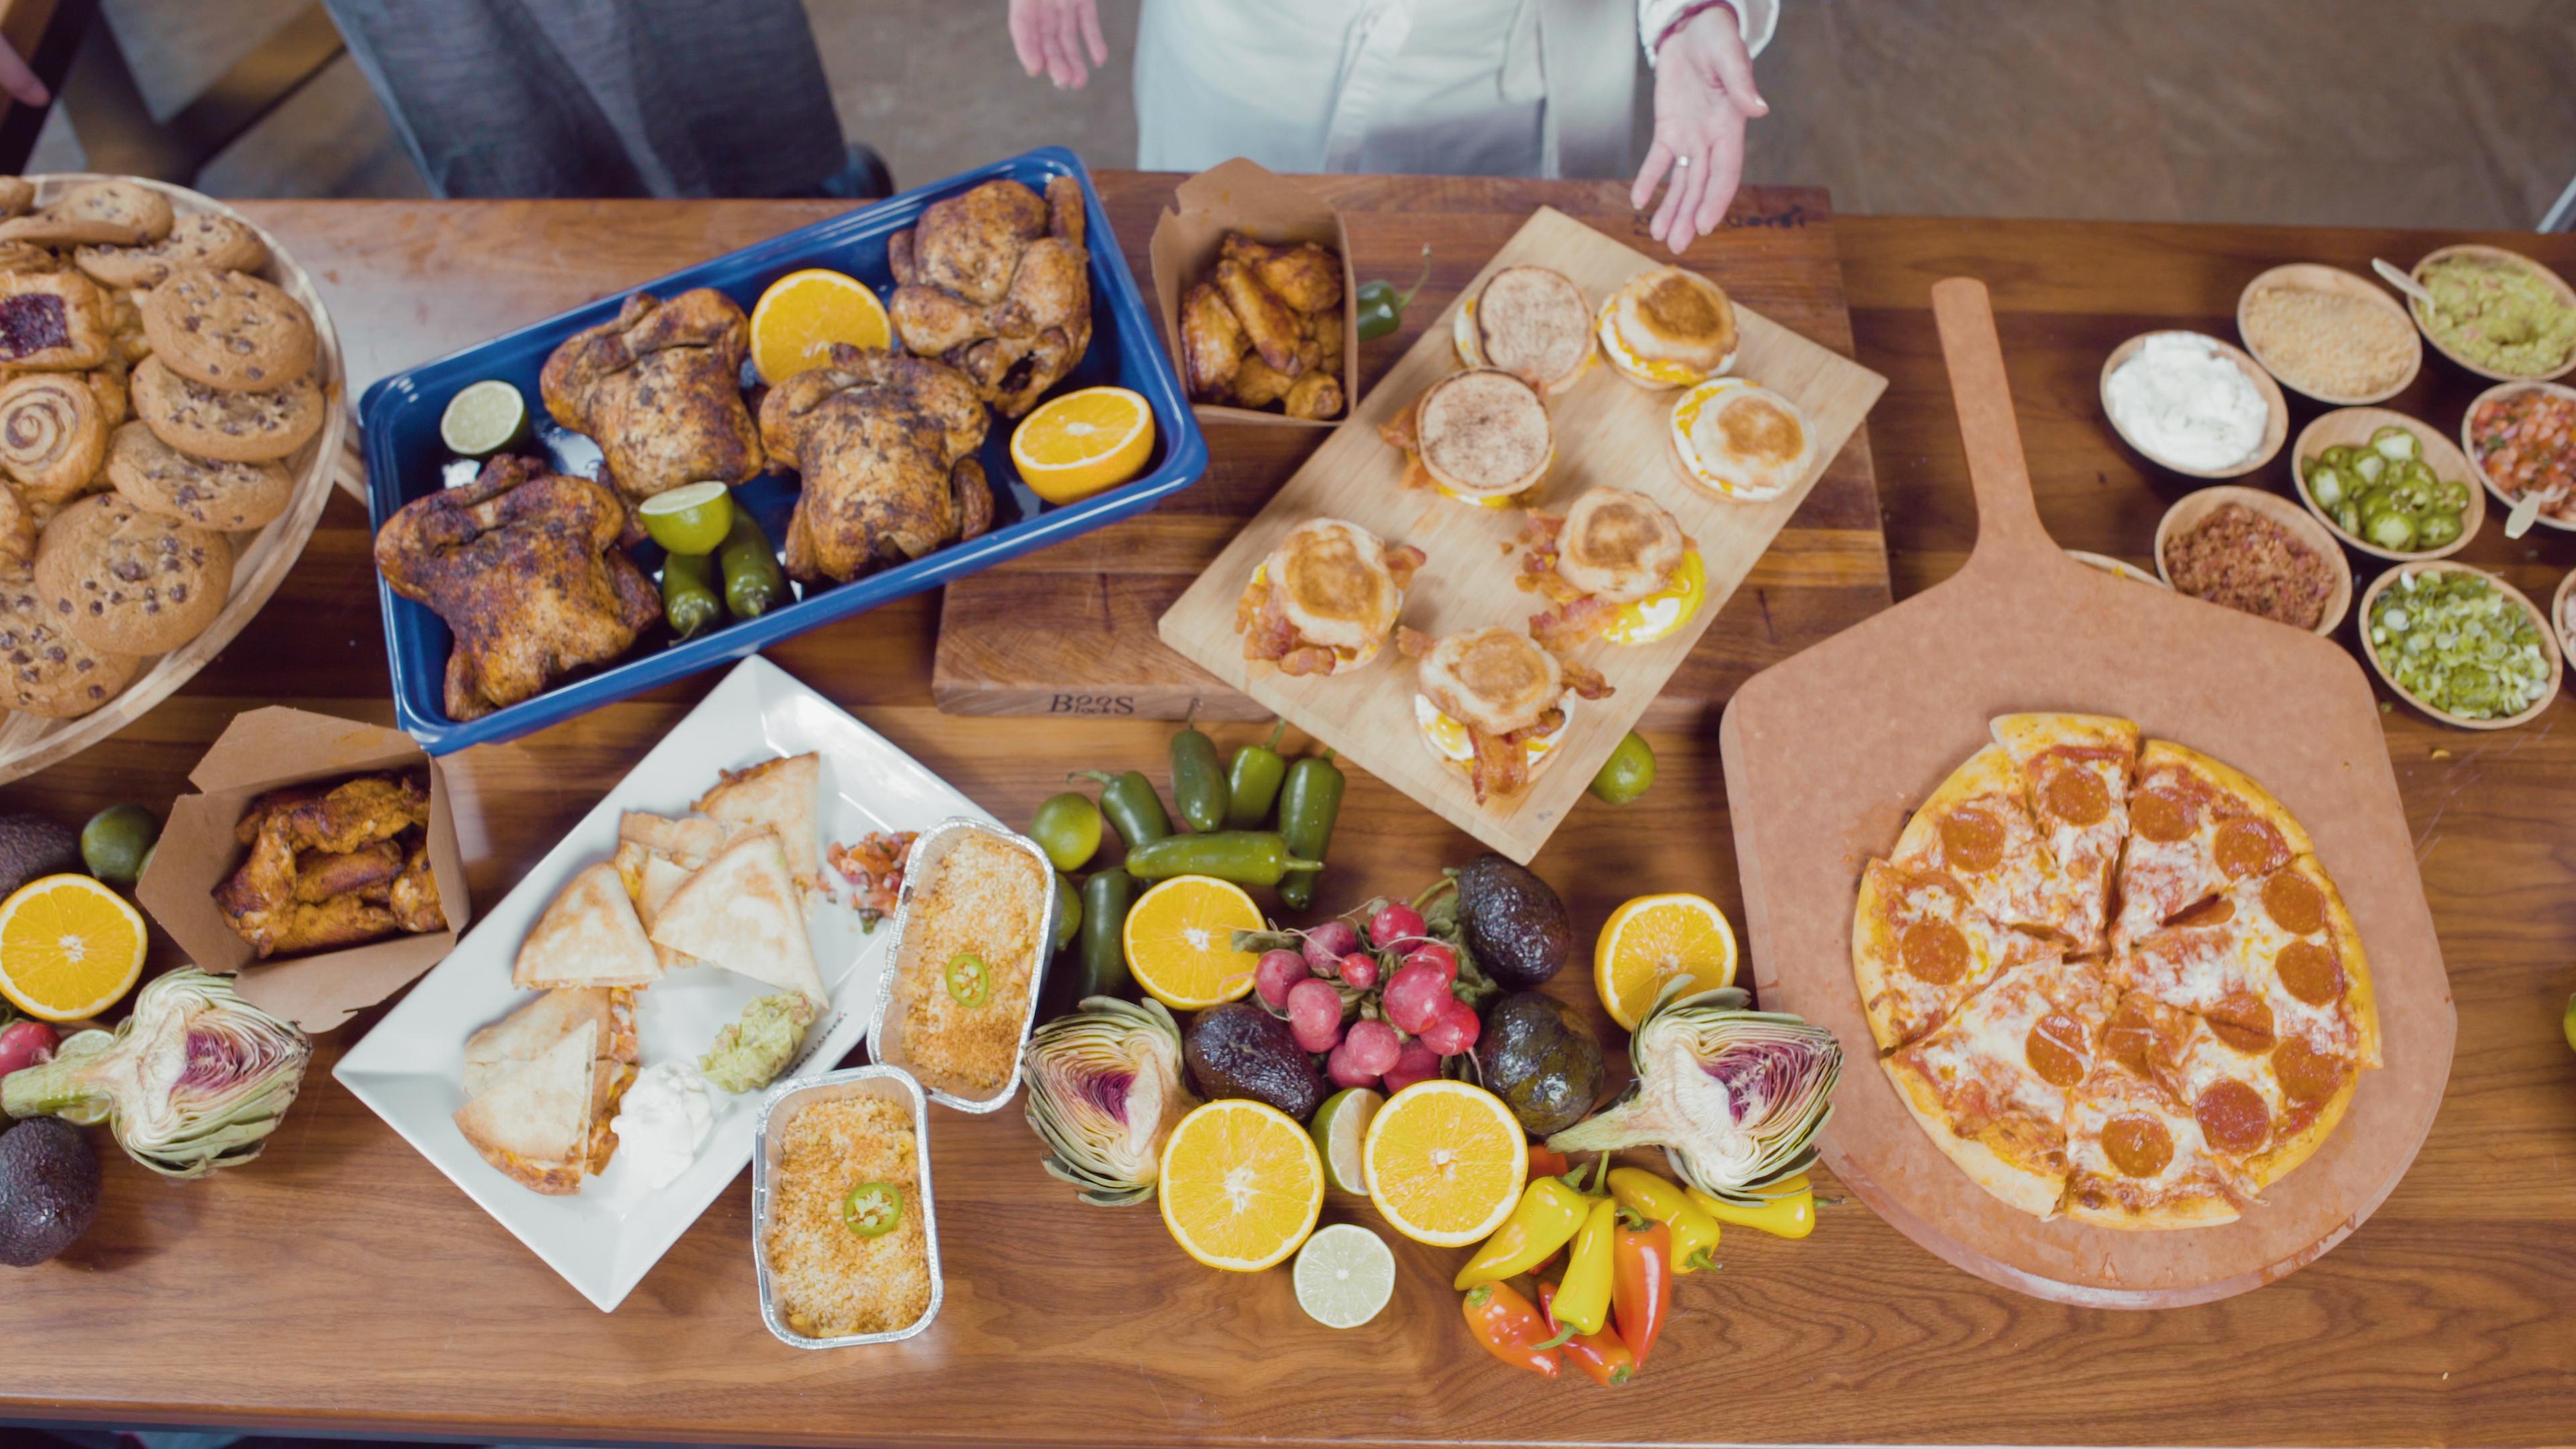 Array of healthy foods in combi oven